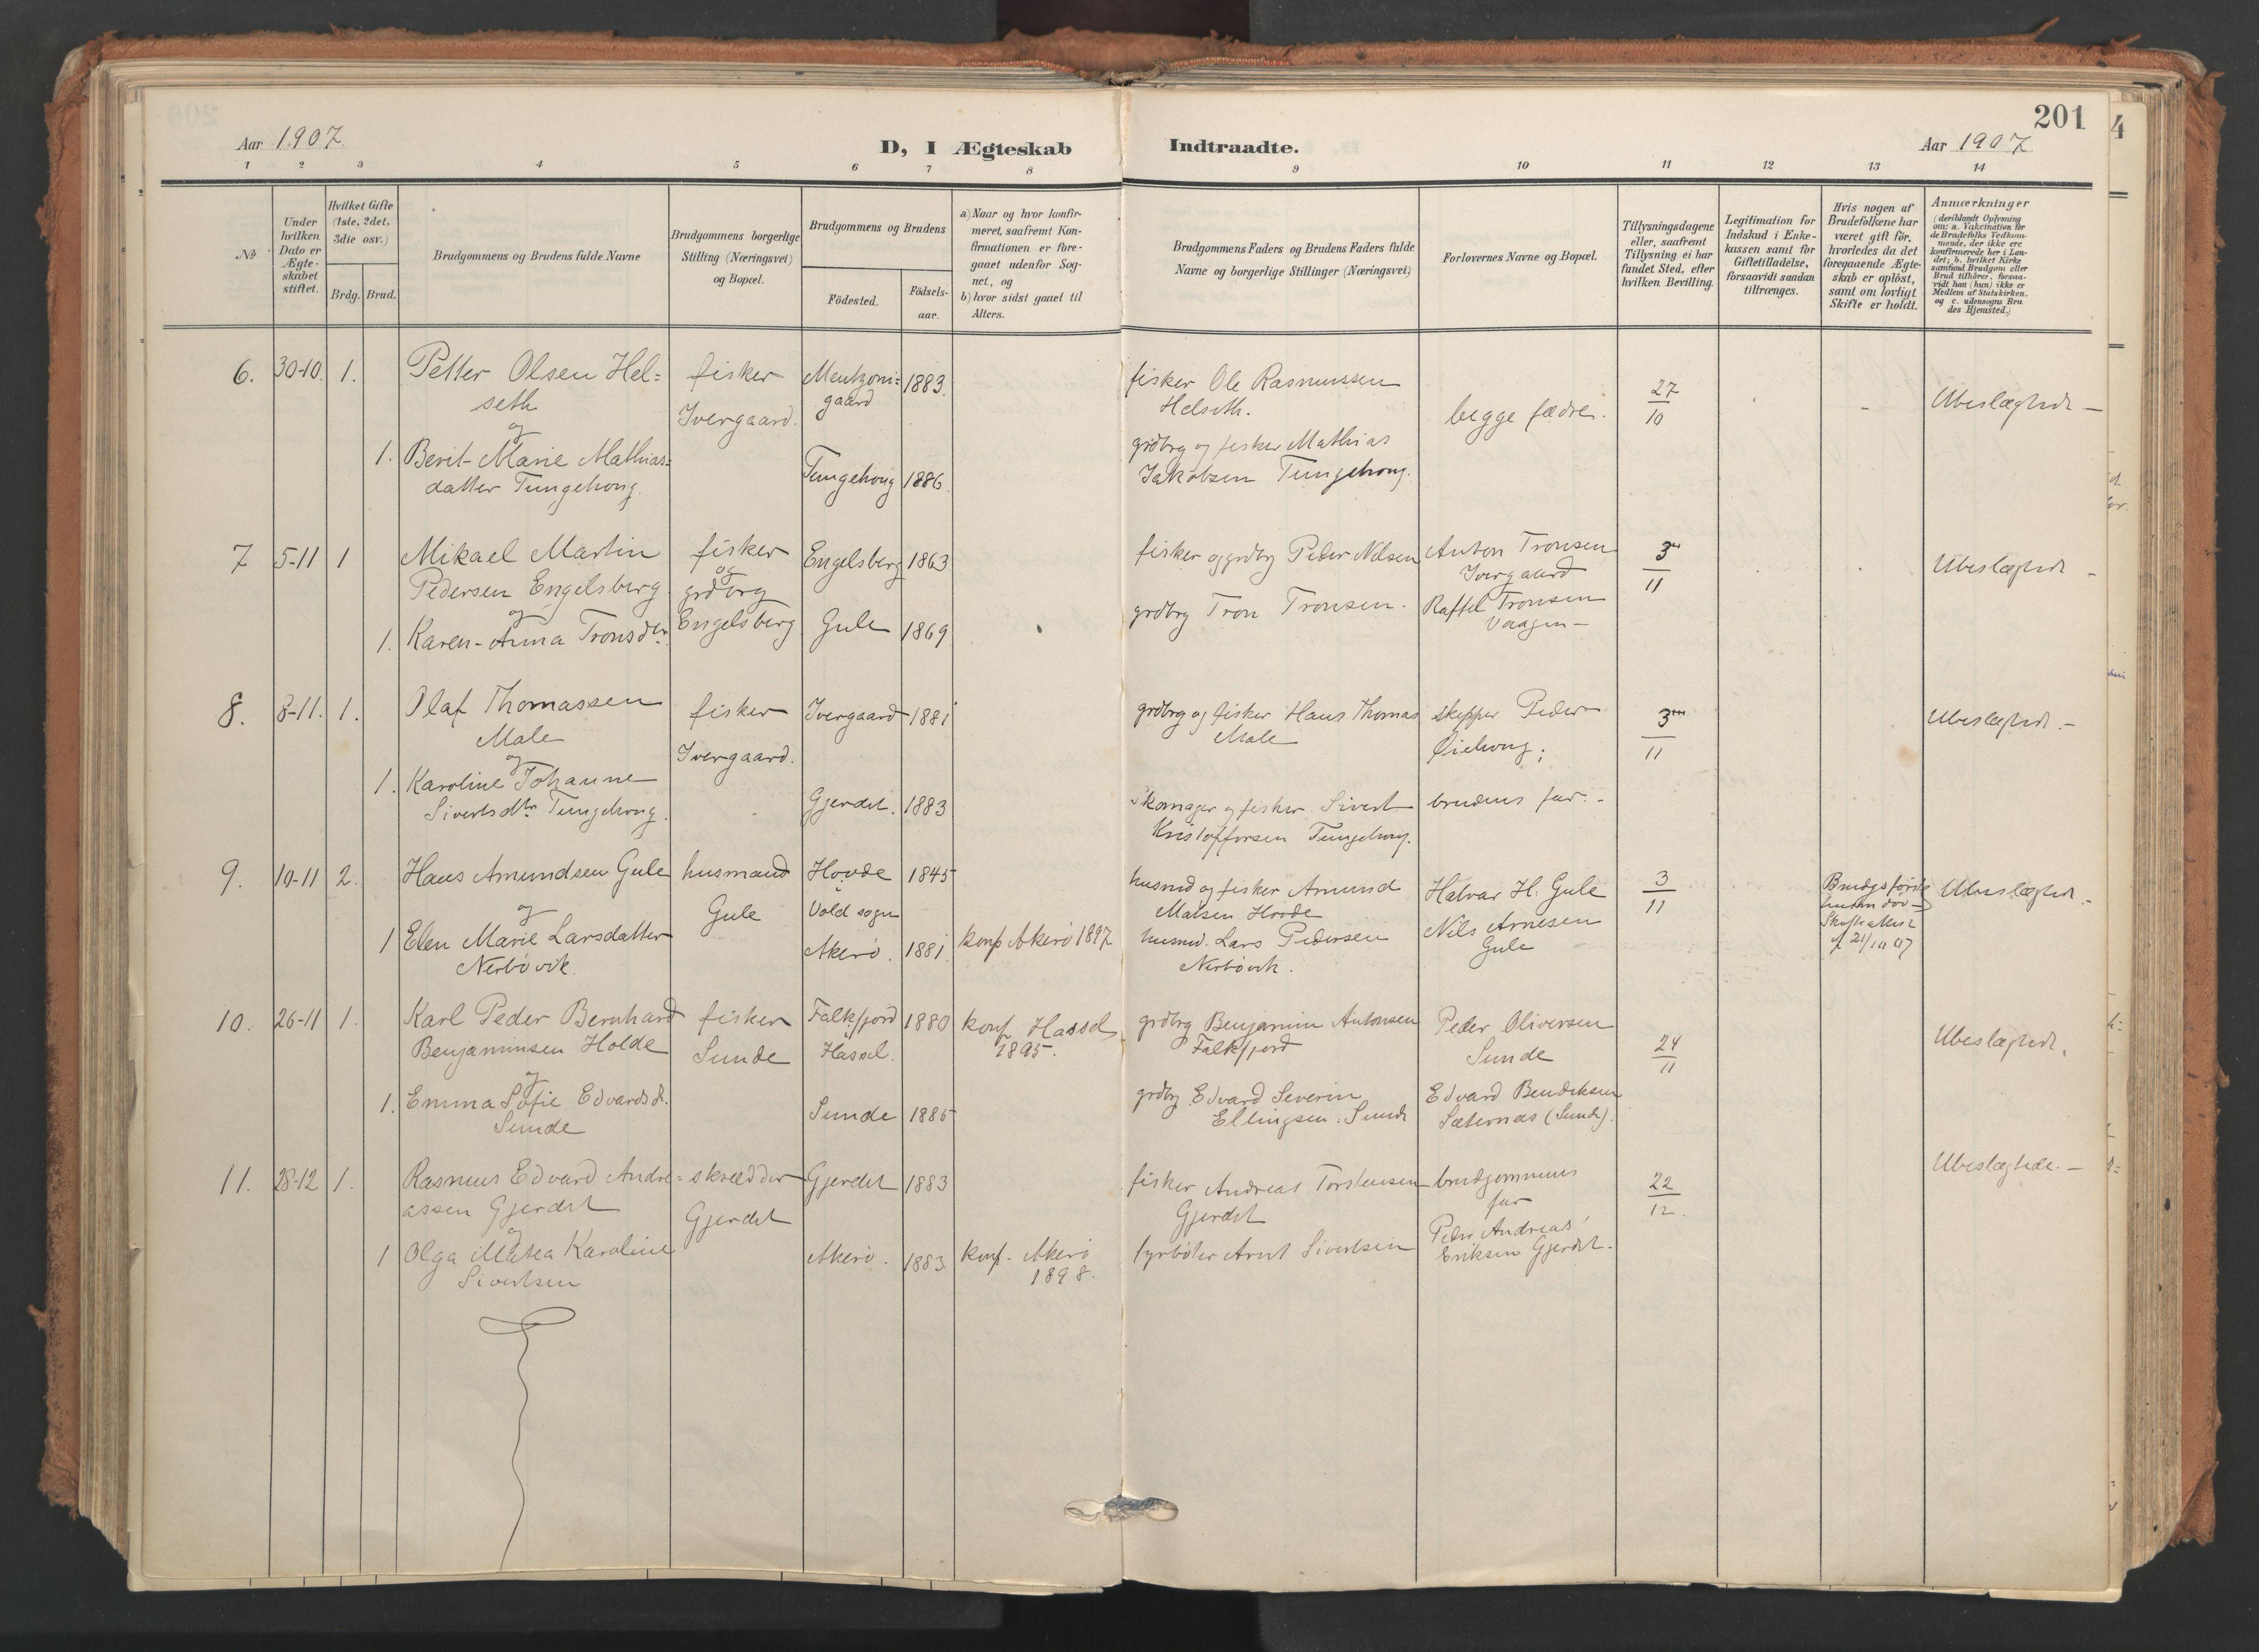 SAT, Ministerialprotokoller, klokkerbøker og fødselsregistre - Møre og Romsdal, 566/L0771: Ministerialbok nr. 566A10, 1904-1929, s. 201